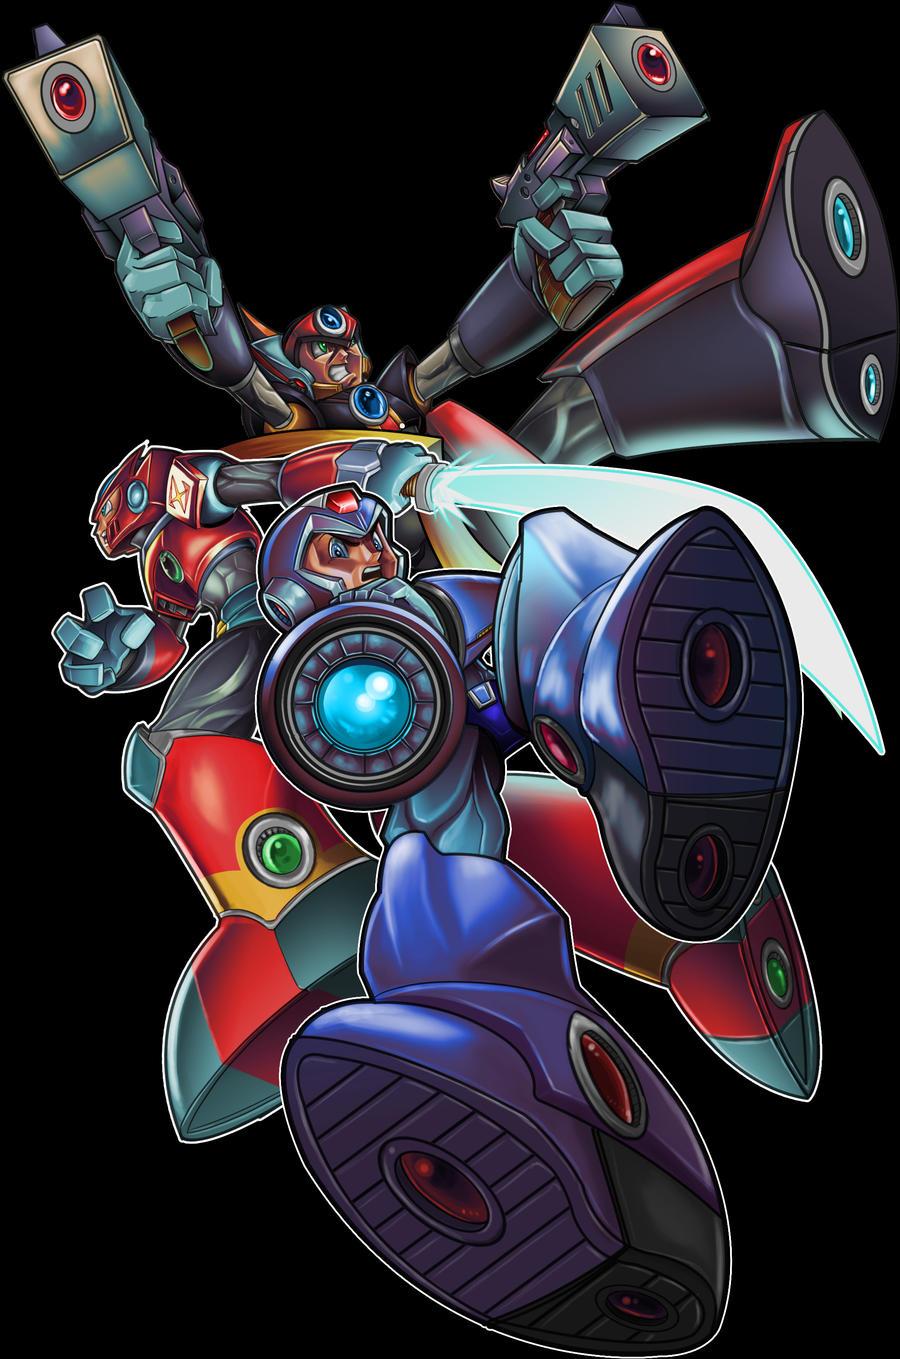 Megaman teaser 2 by Daniel-Velez